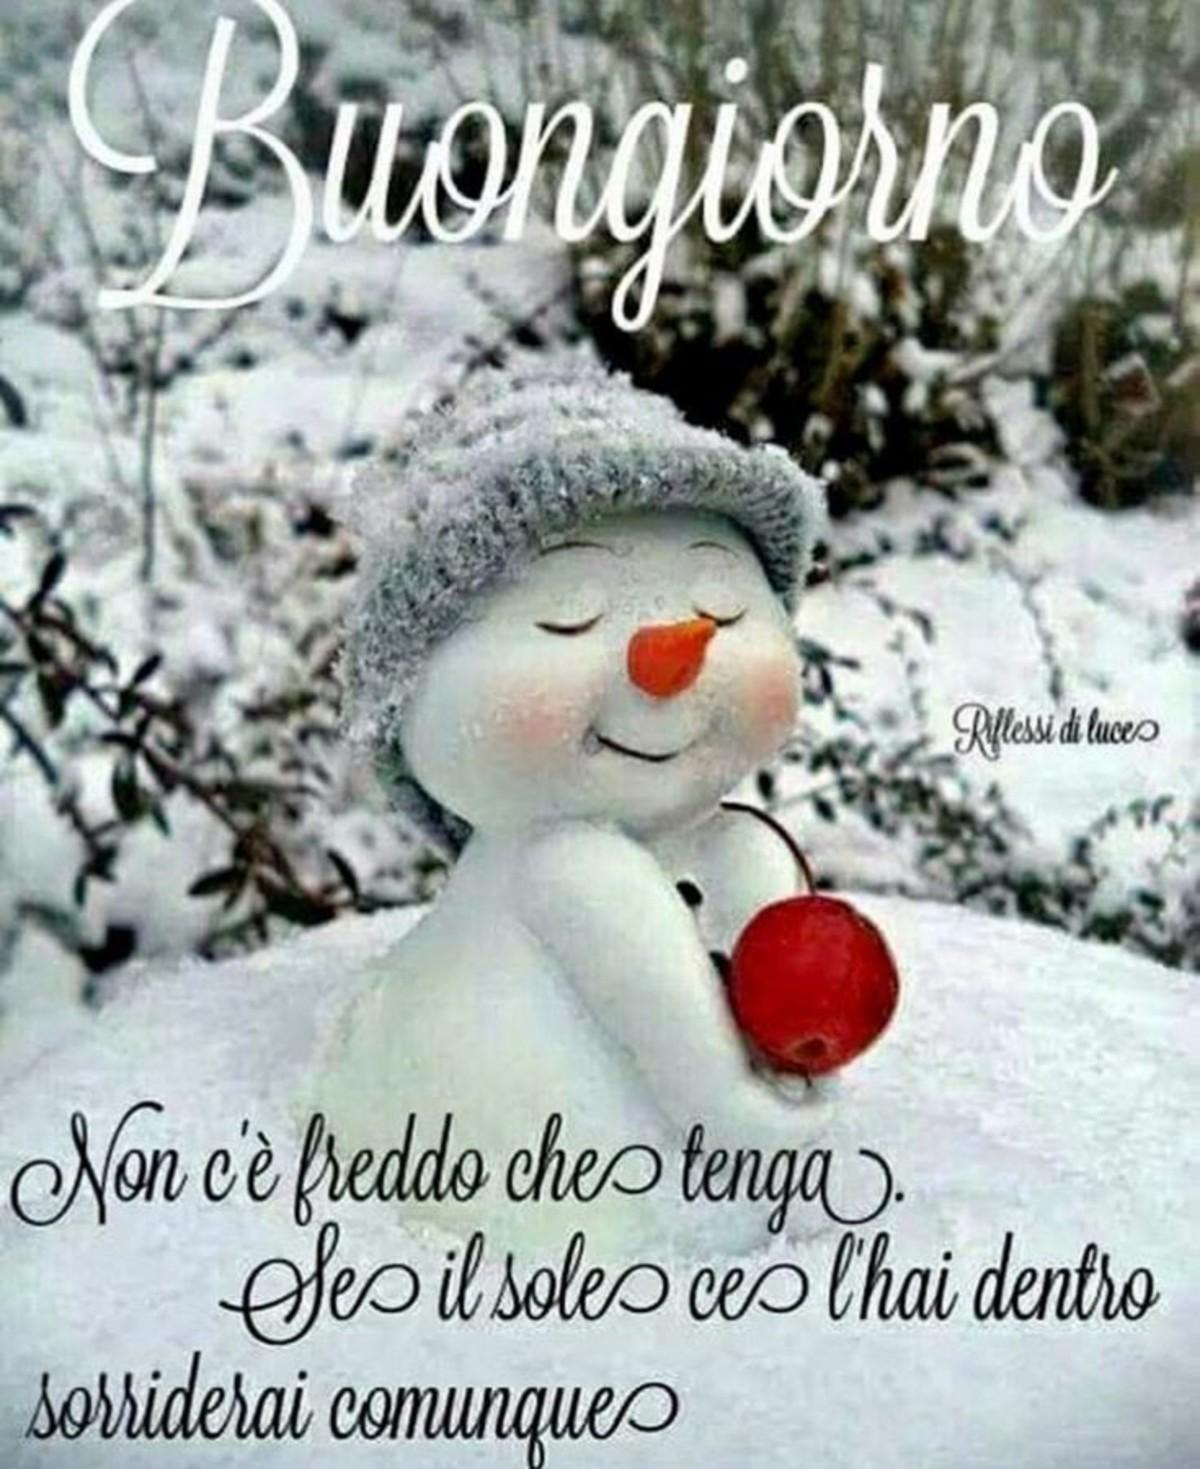 Foto Buongiorno Con La Neve.Buongiorno Con La Neve 2 Buongiornoate It